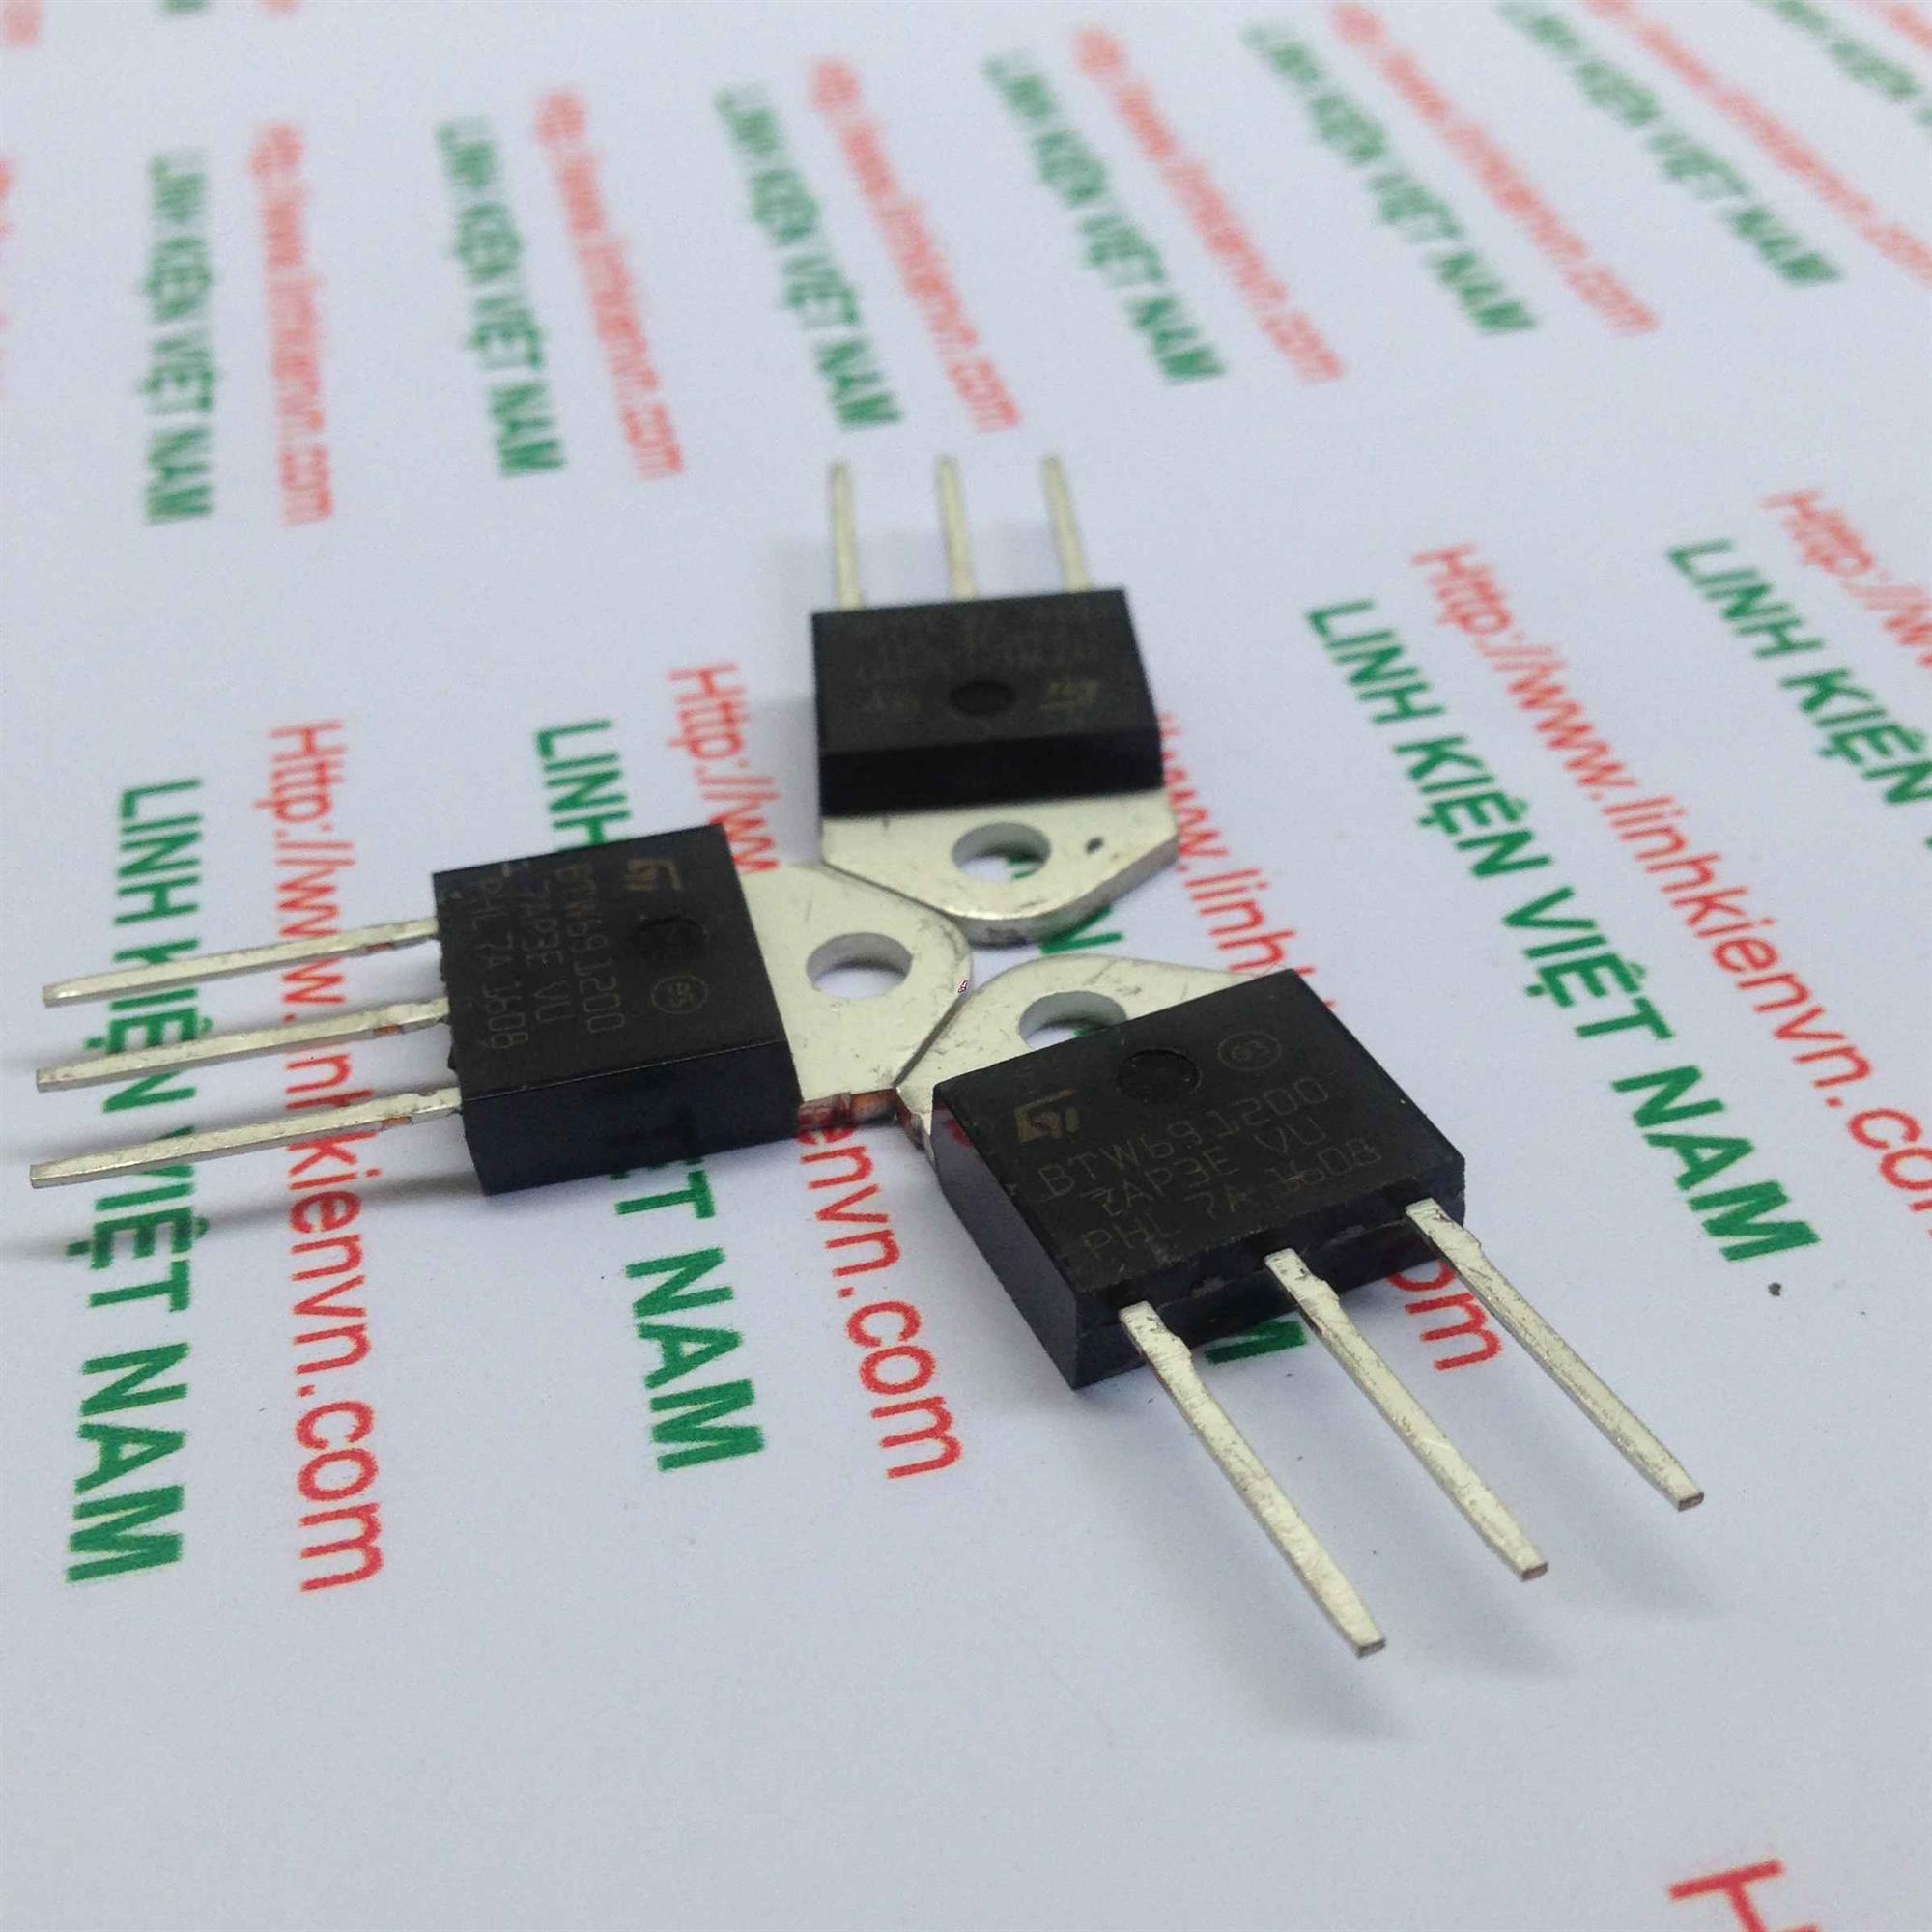 Thyristor BTW69-1200 / Thyristor 50A 1200V - G4H7